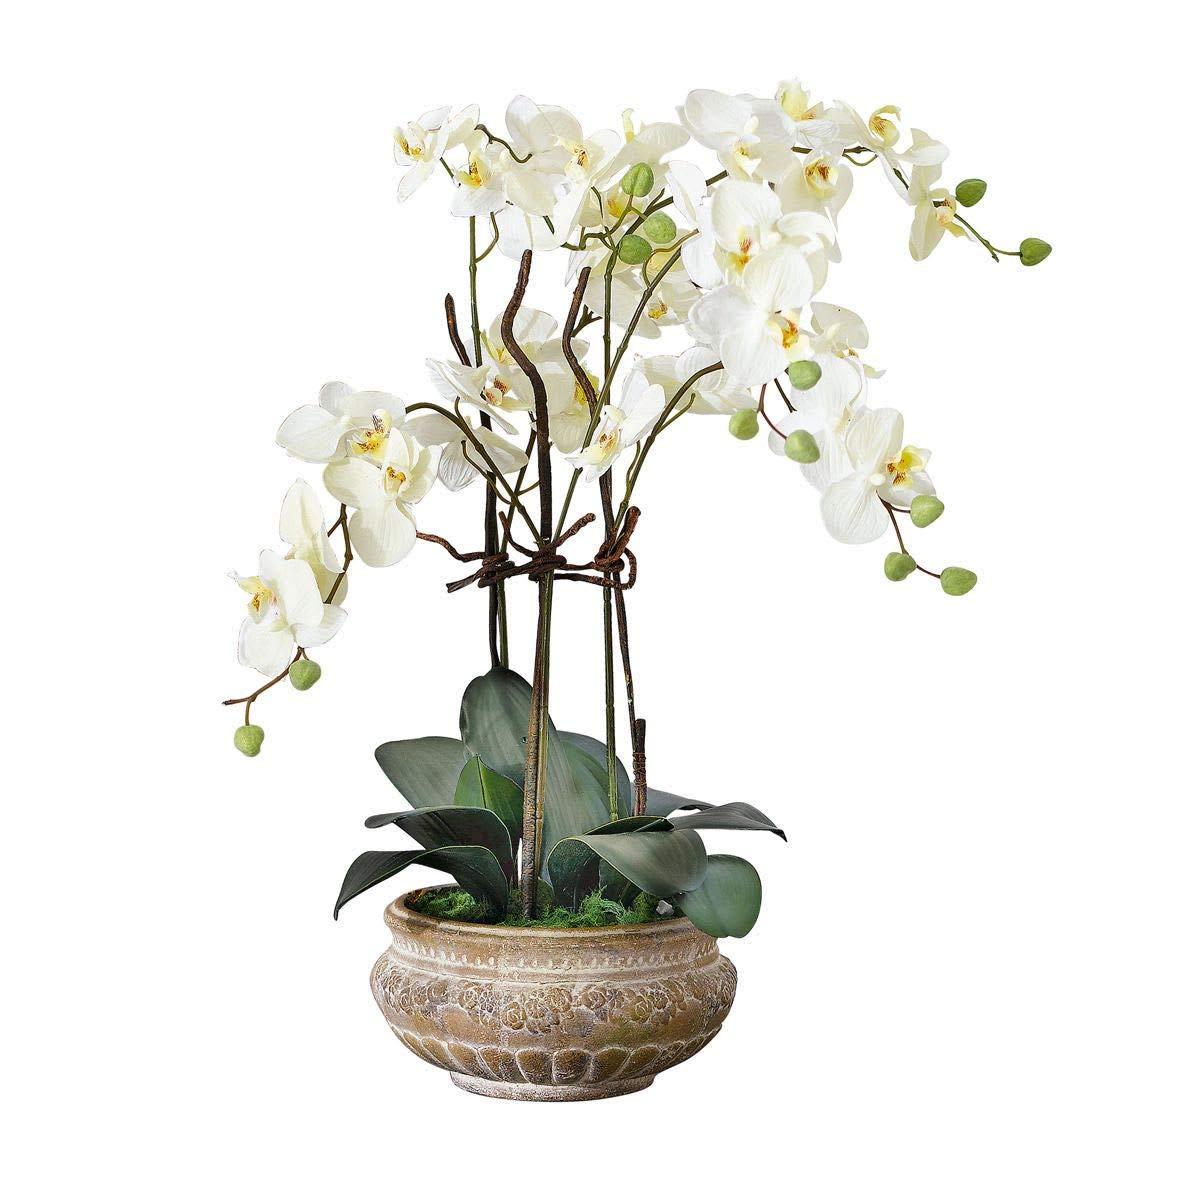 Kunstpflanze Orchidee weiß-creme mit Übertopf aus Keramik braun 58 cm hoch PureDay